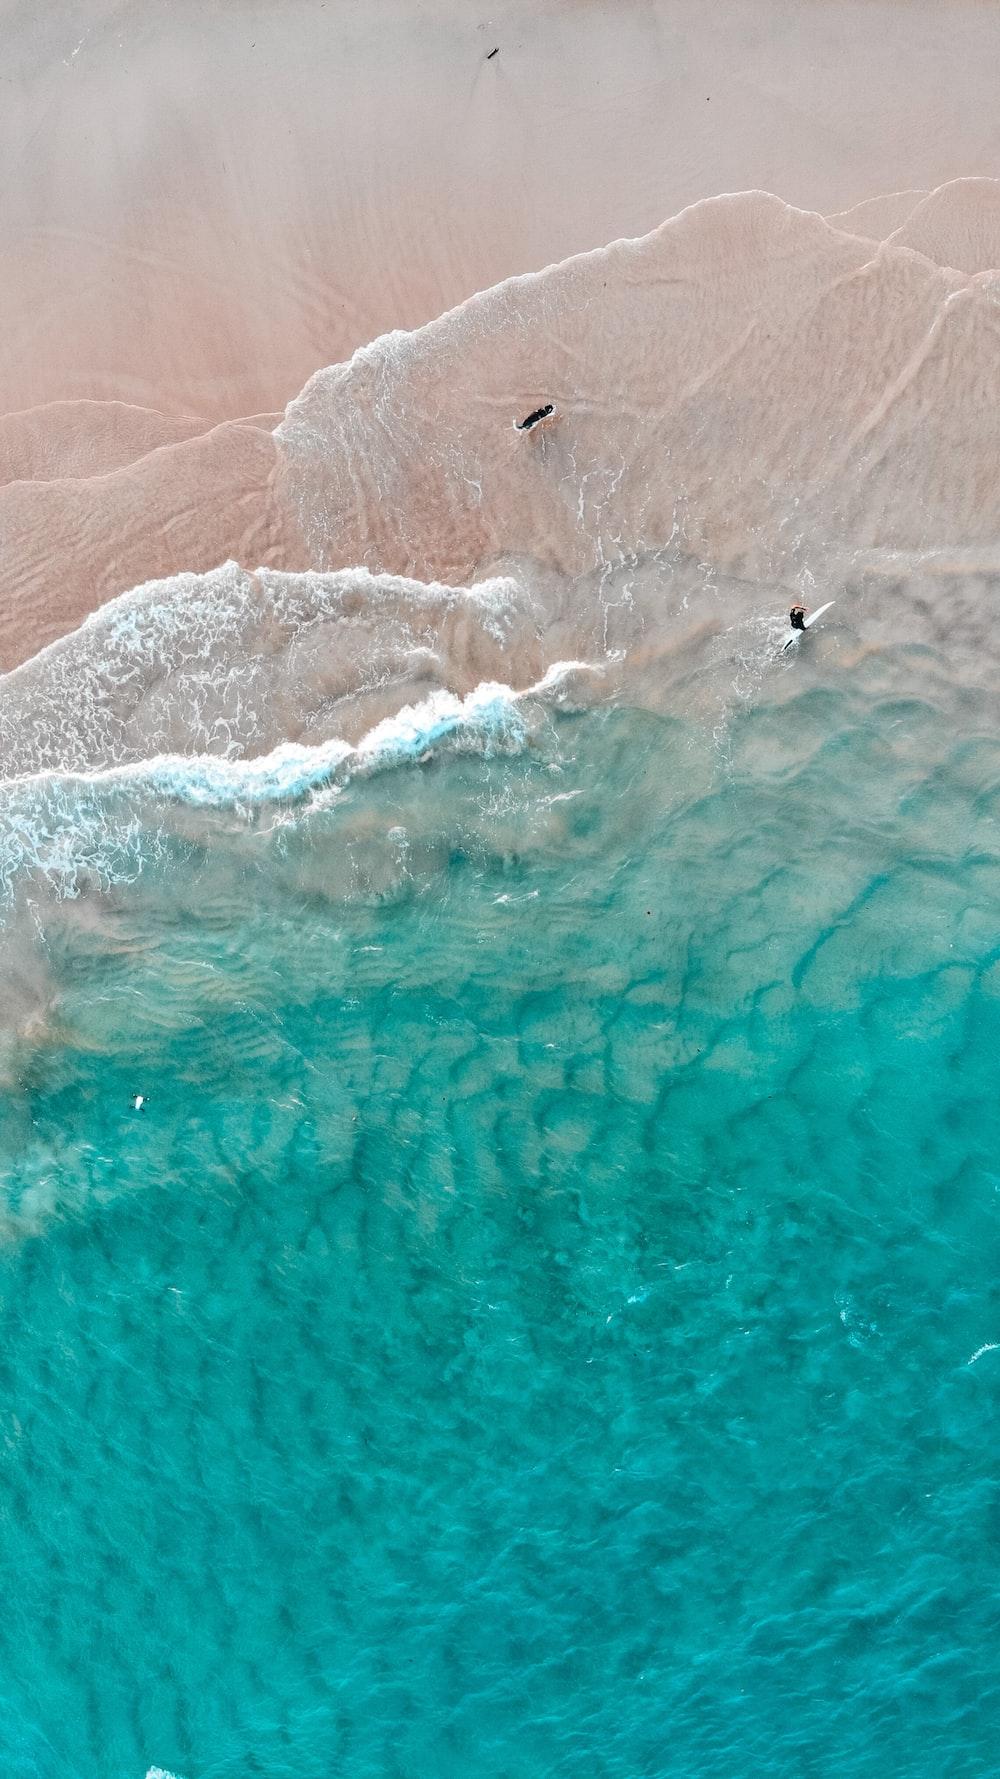 bird's eye view of sea shore